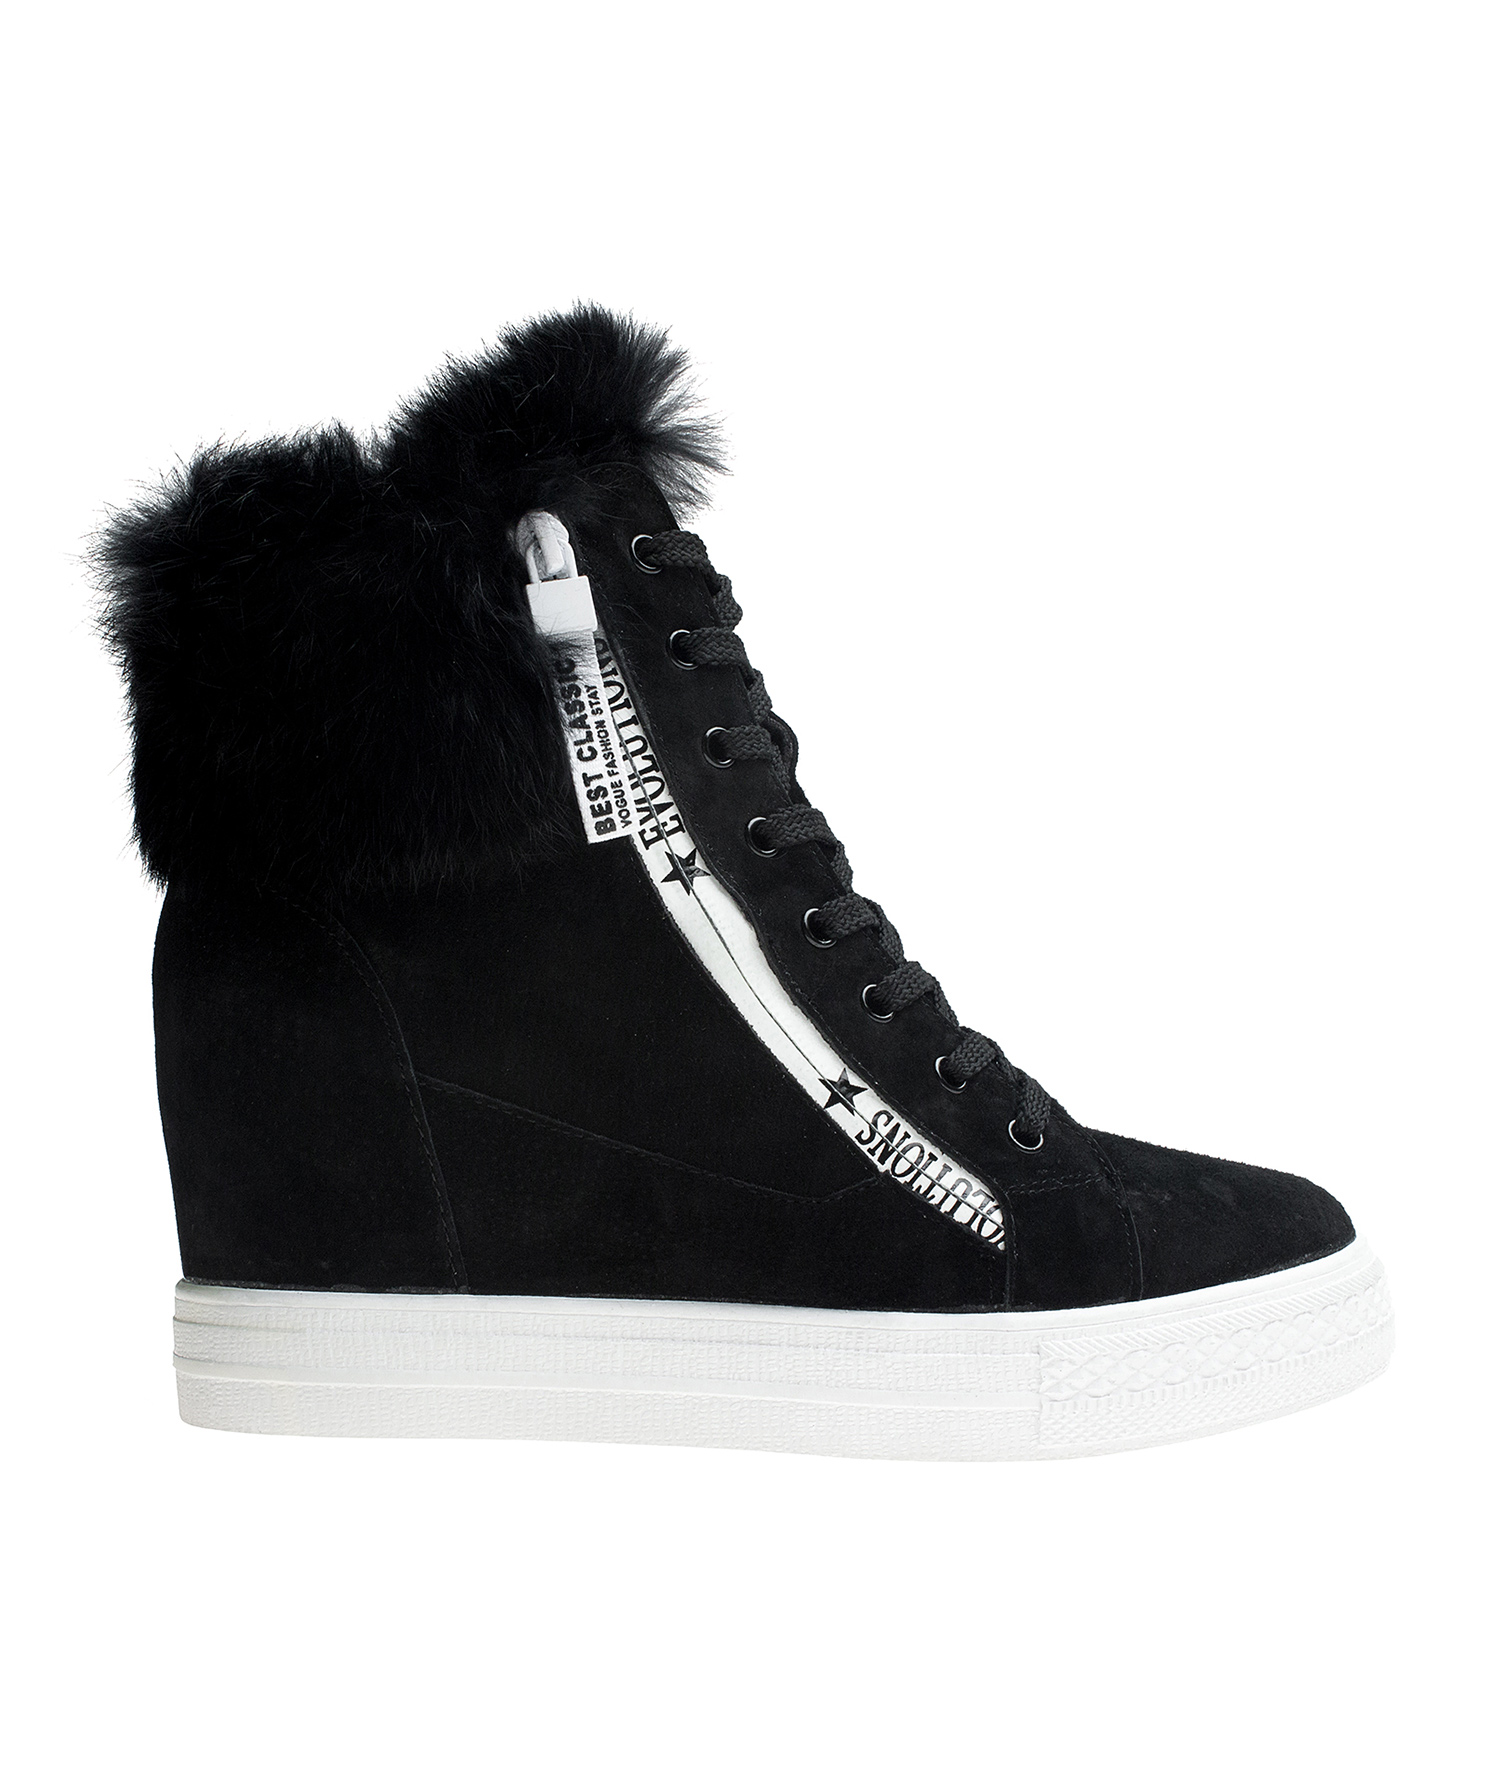 suede sneaker booties